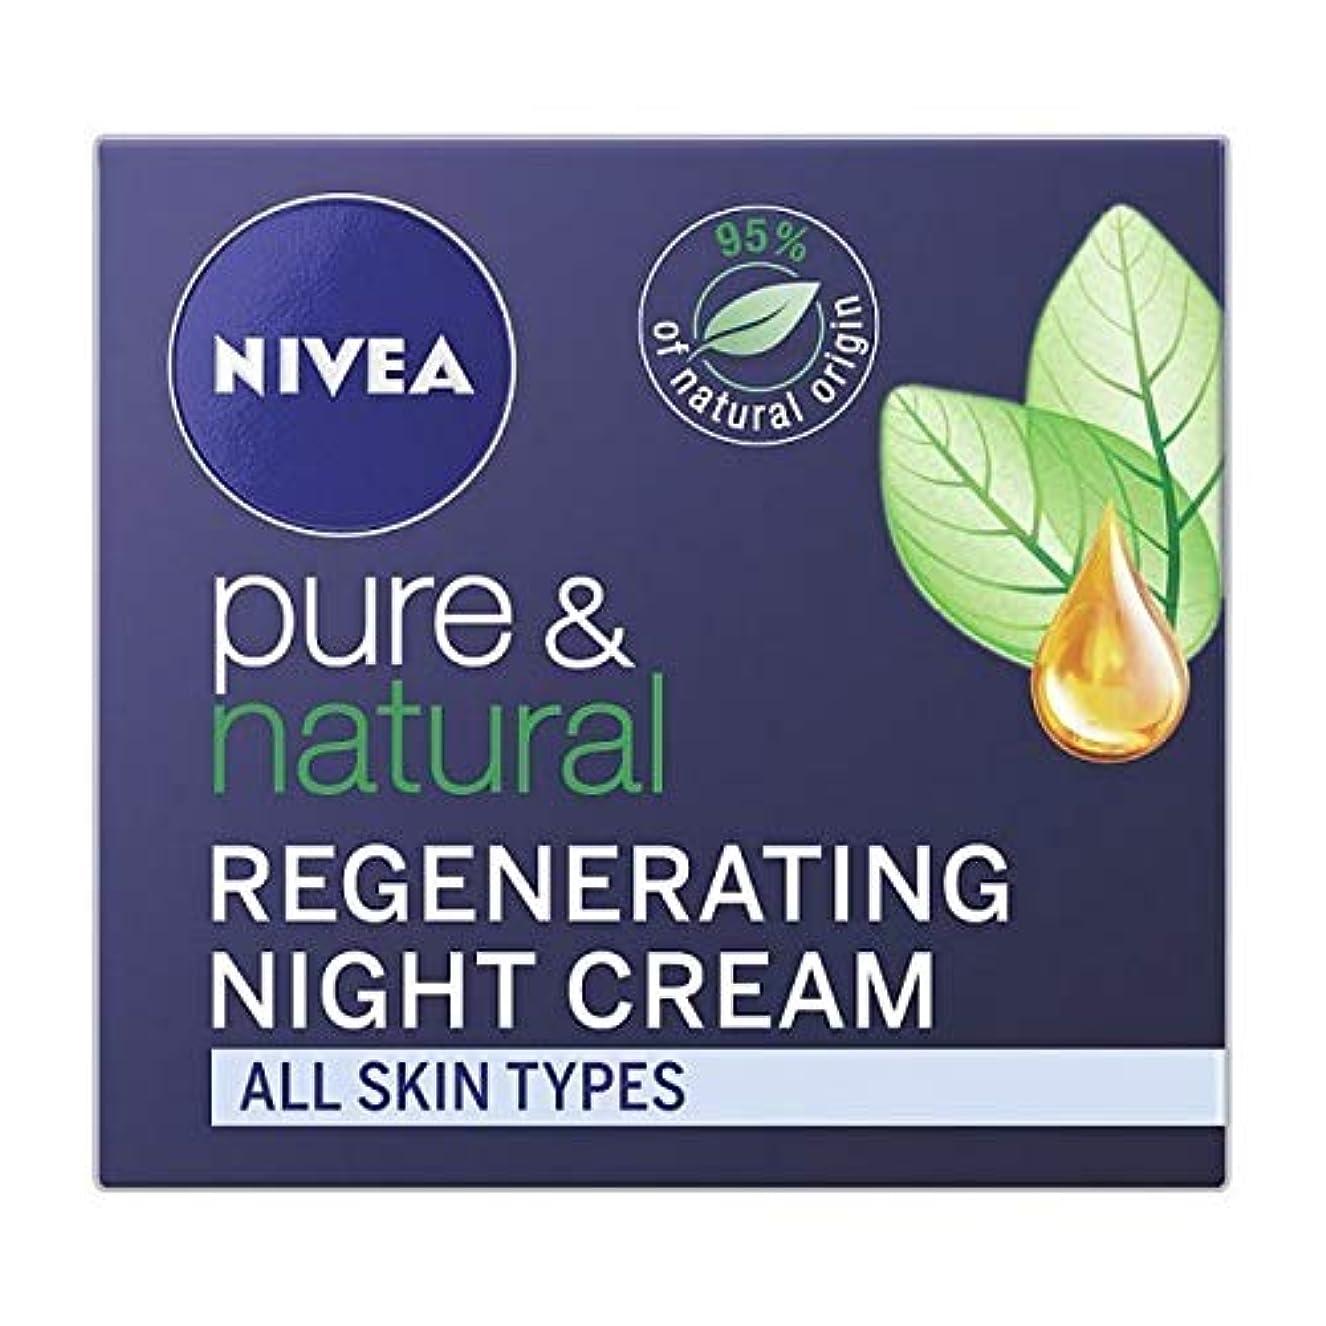 抵抗力がある群衆ぞっとするような[Nivea ] ニベアピュア&ナチュラル夜の顔のクリーム、50ミリリットル - NIVEA Pure & Natural Night Face Cream, 50ml [並行輸入品]